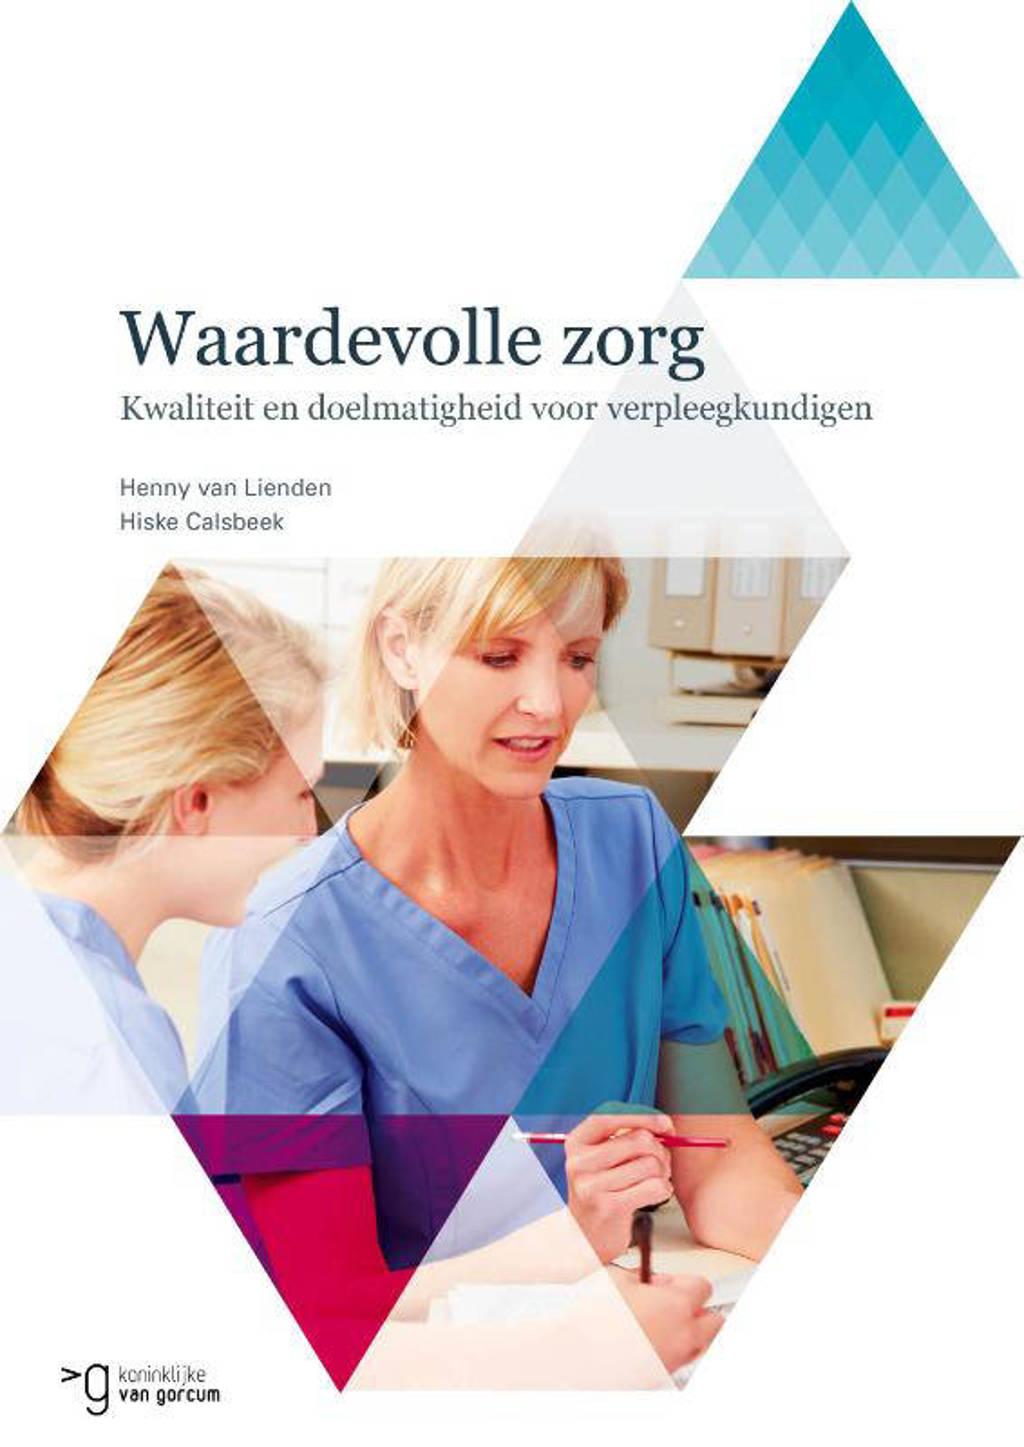 Waardevolle zorg - Henny van Lienden en Hiske Calsbeek